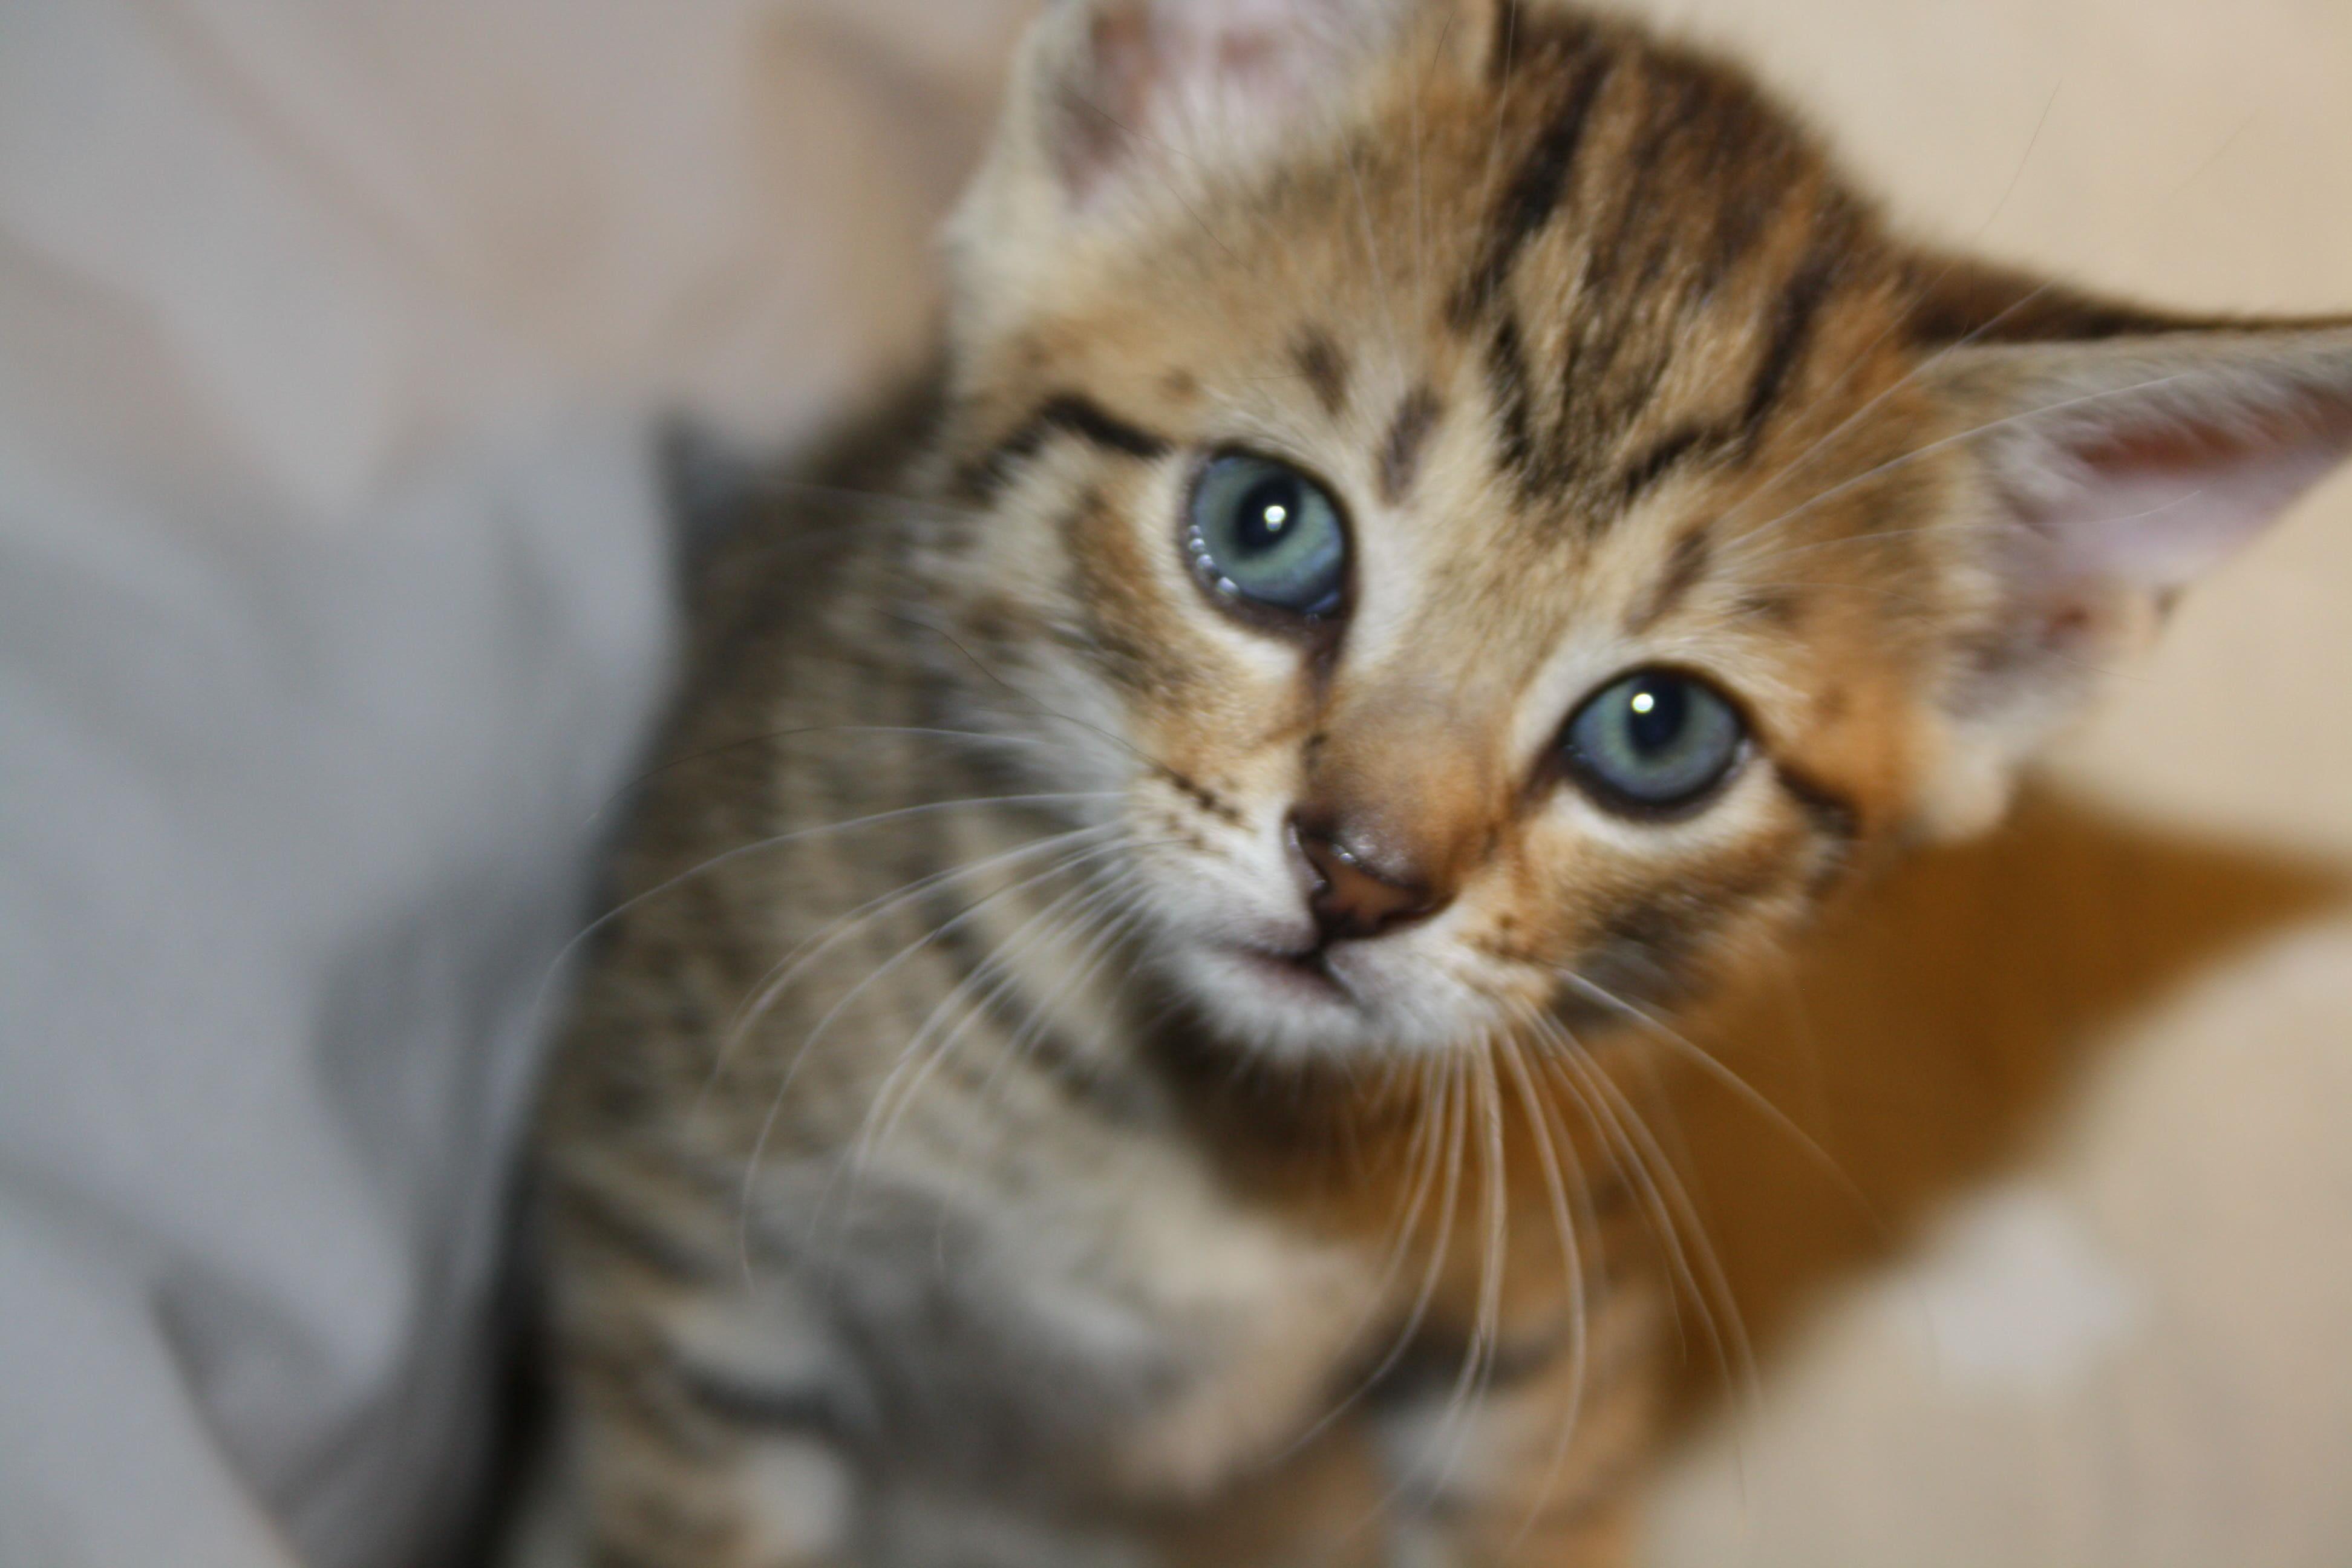 Cute Newborn Baby Hd Wallpapers Kittens Wallpapers Hd Desktop Wallpapers 4k Hd